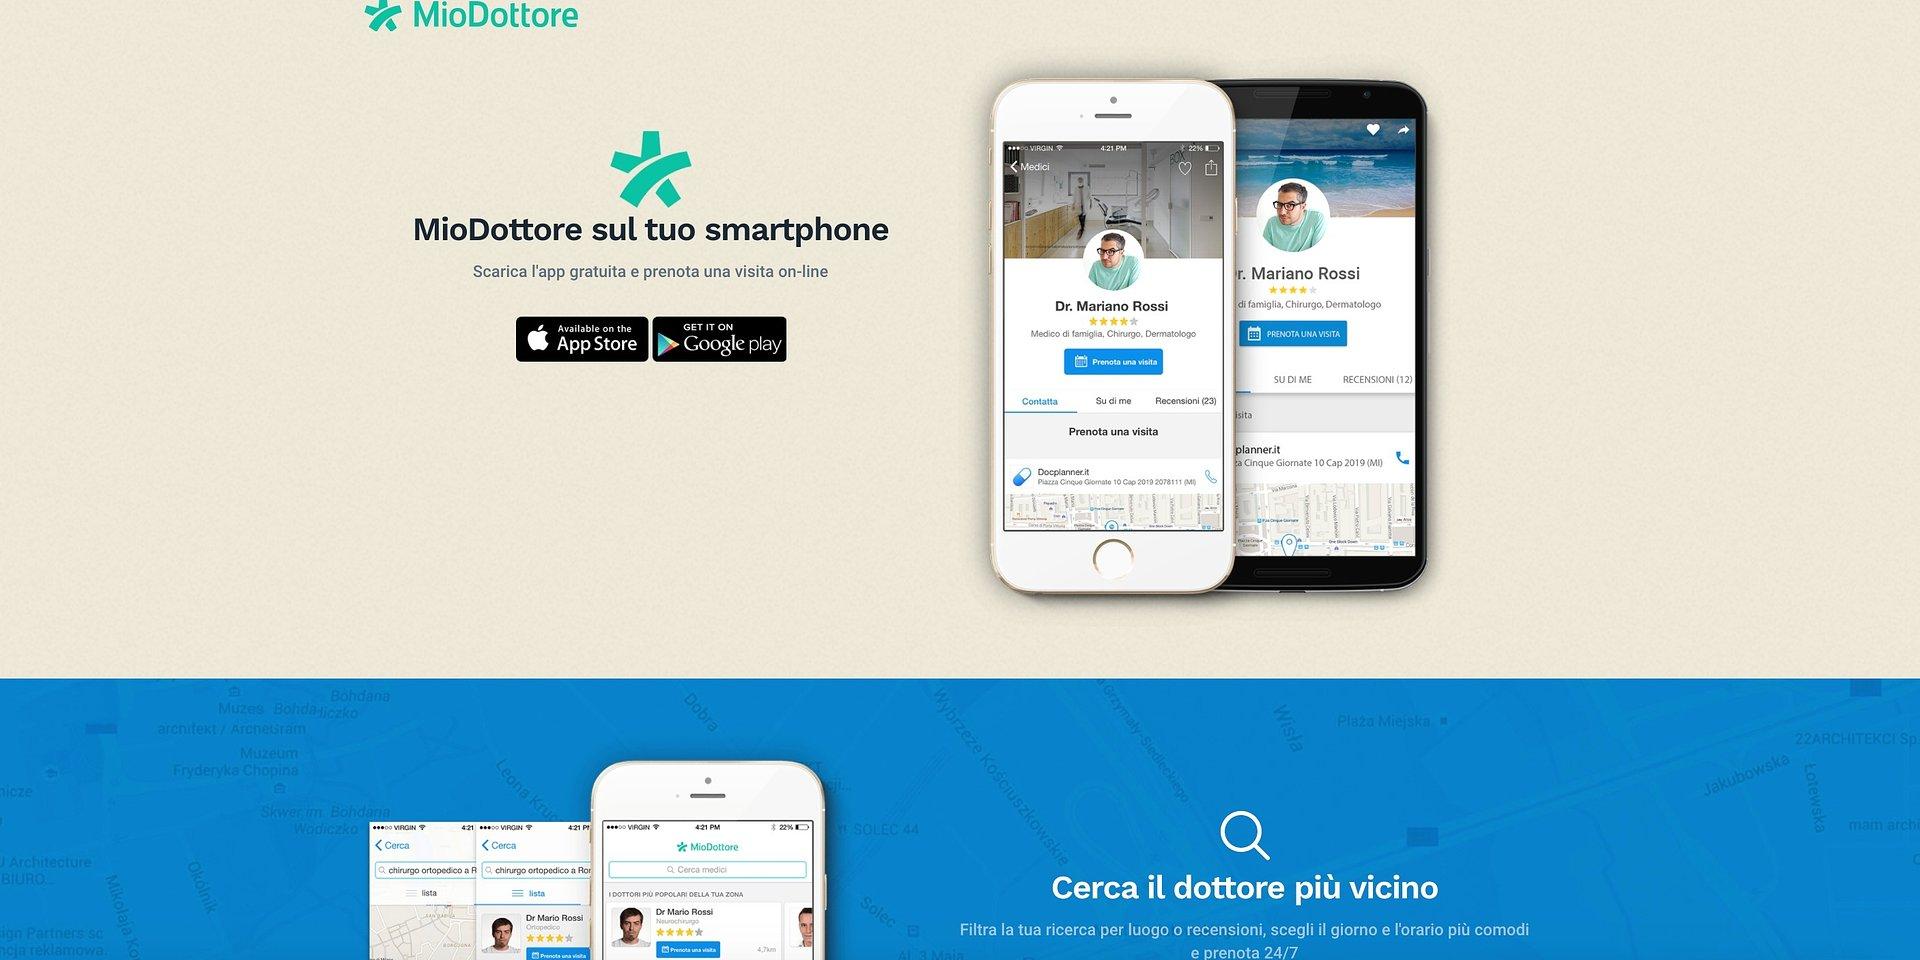 MioDottore presenta la nuova app dedicata ai pazienti